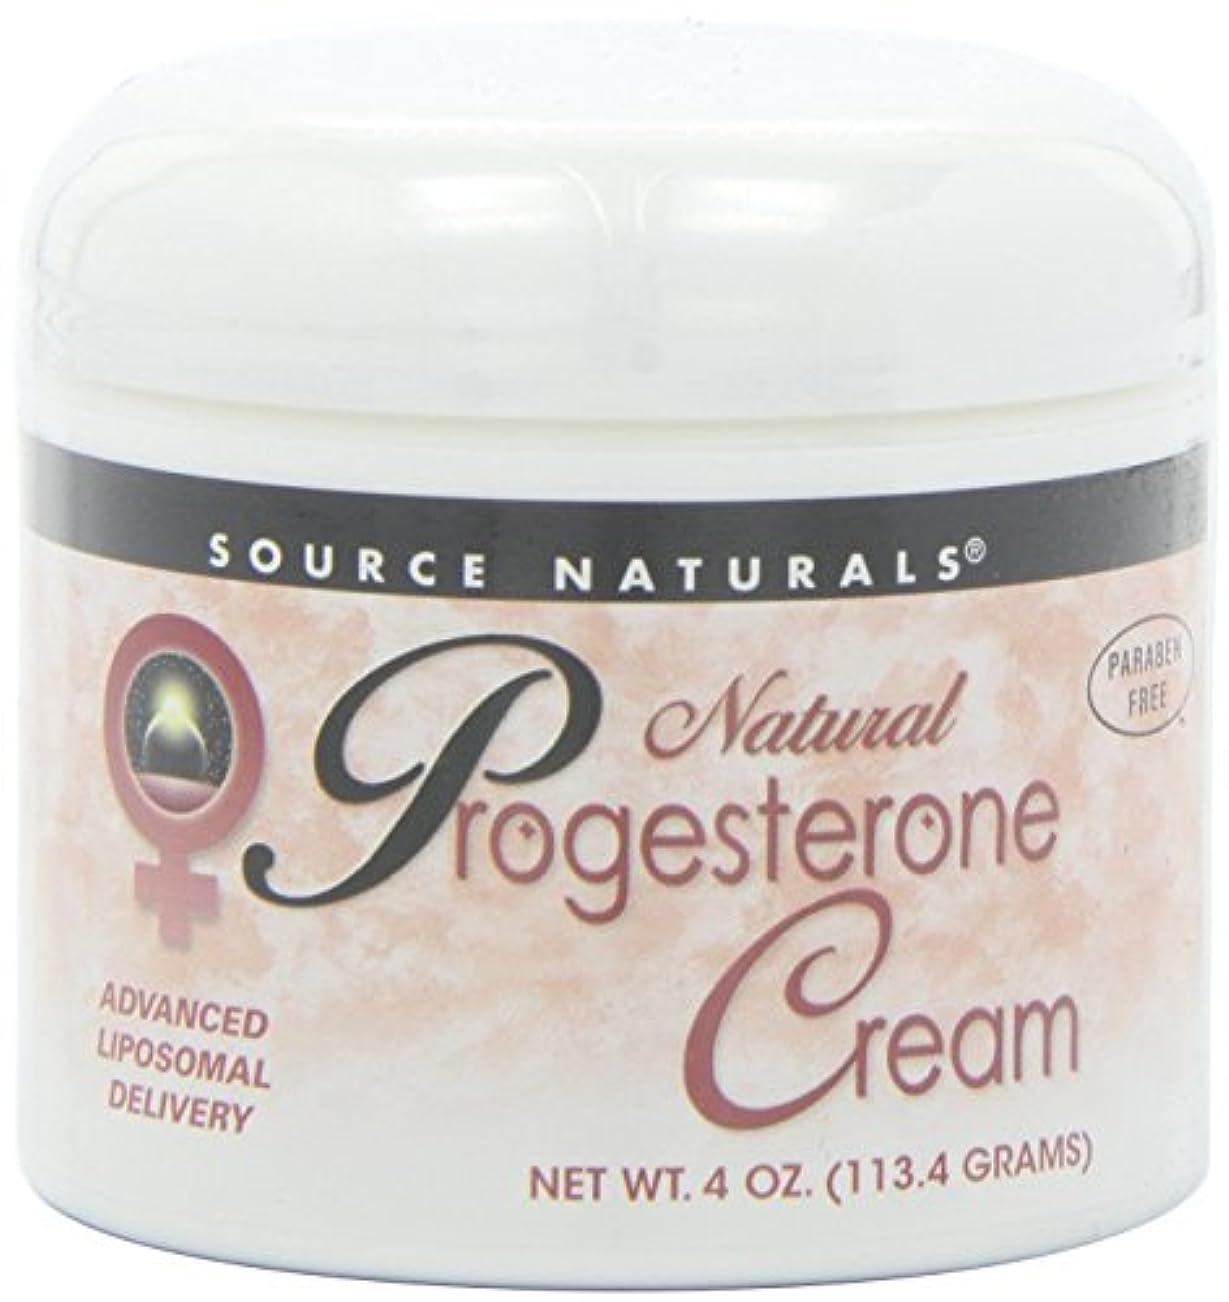 昇進近く半島Source Naturals Natural Progesterone Cream, 4 Ounce (113.4 g) クリーム 並行輸入品 [並行輸入品]